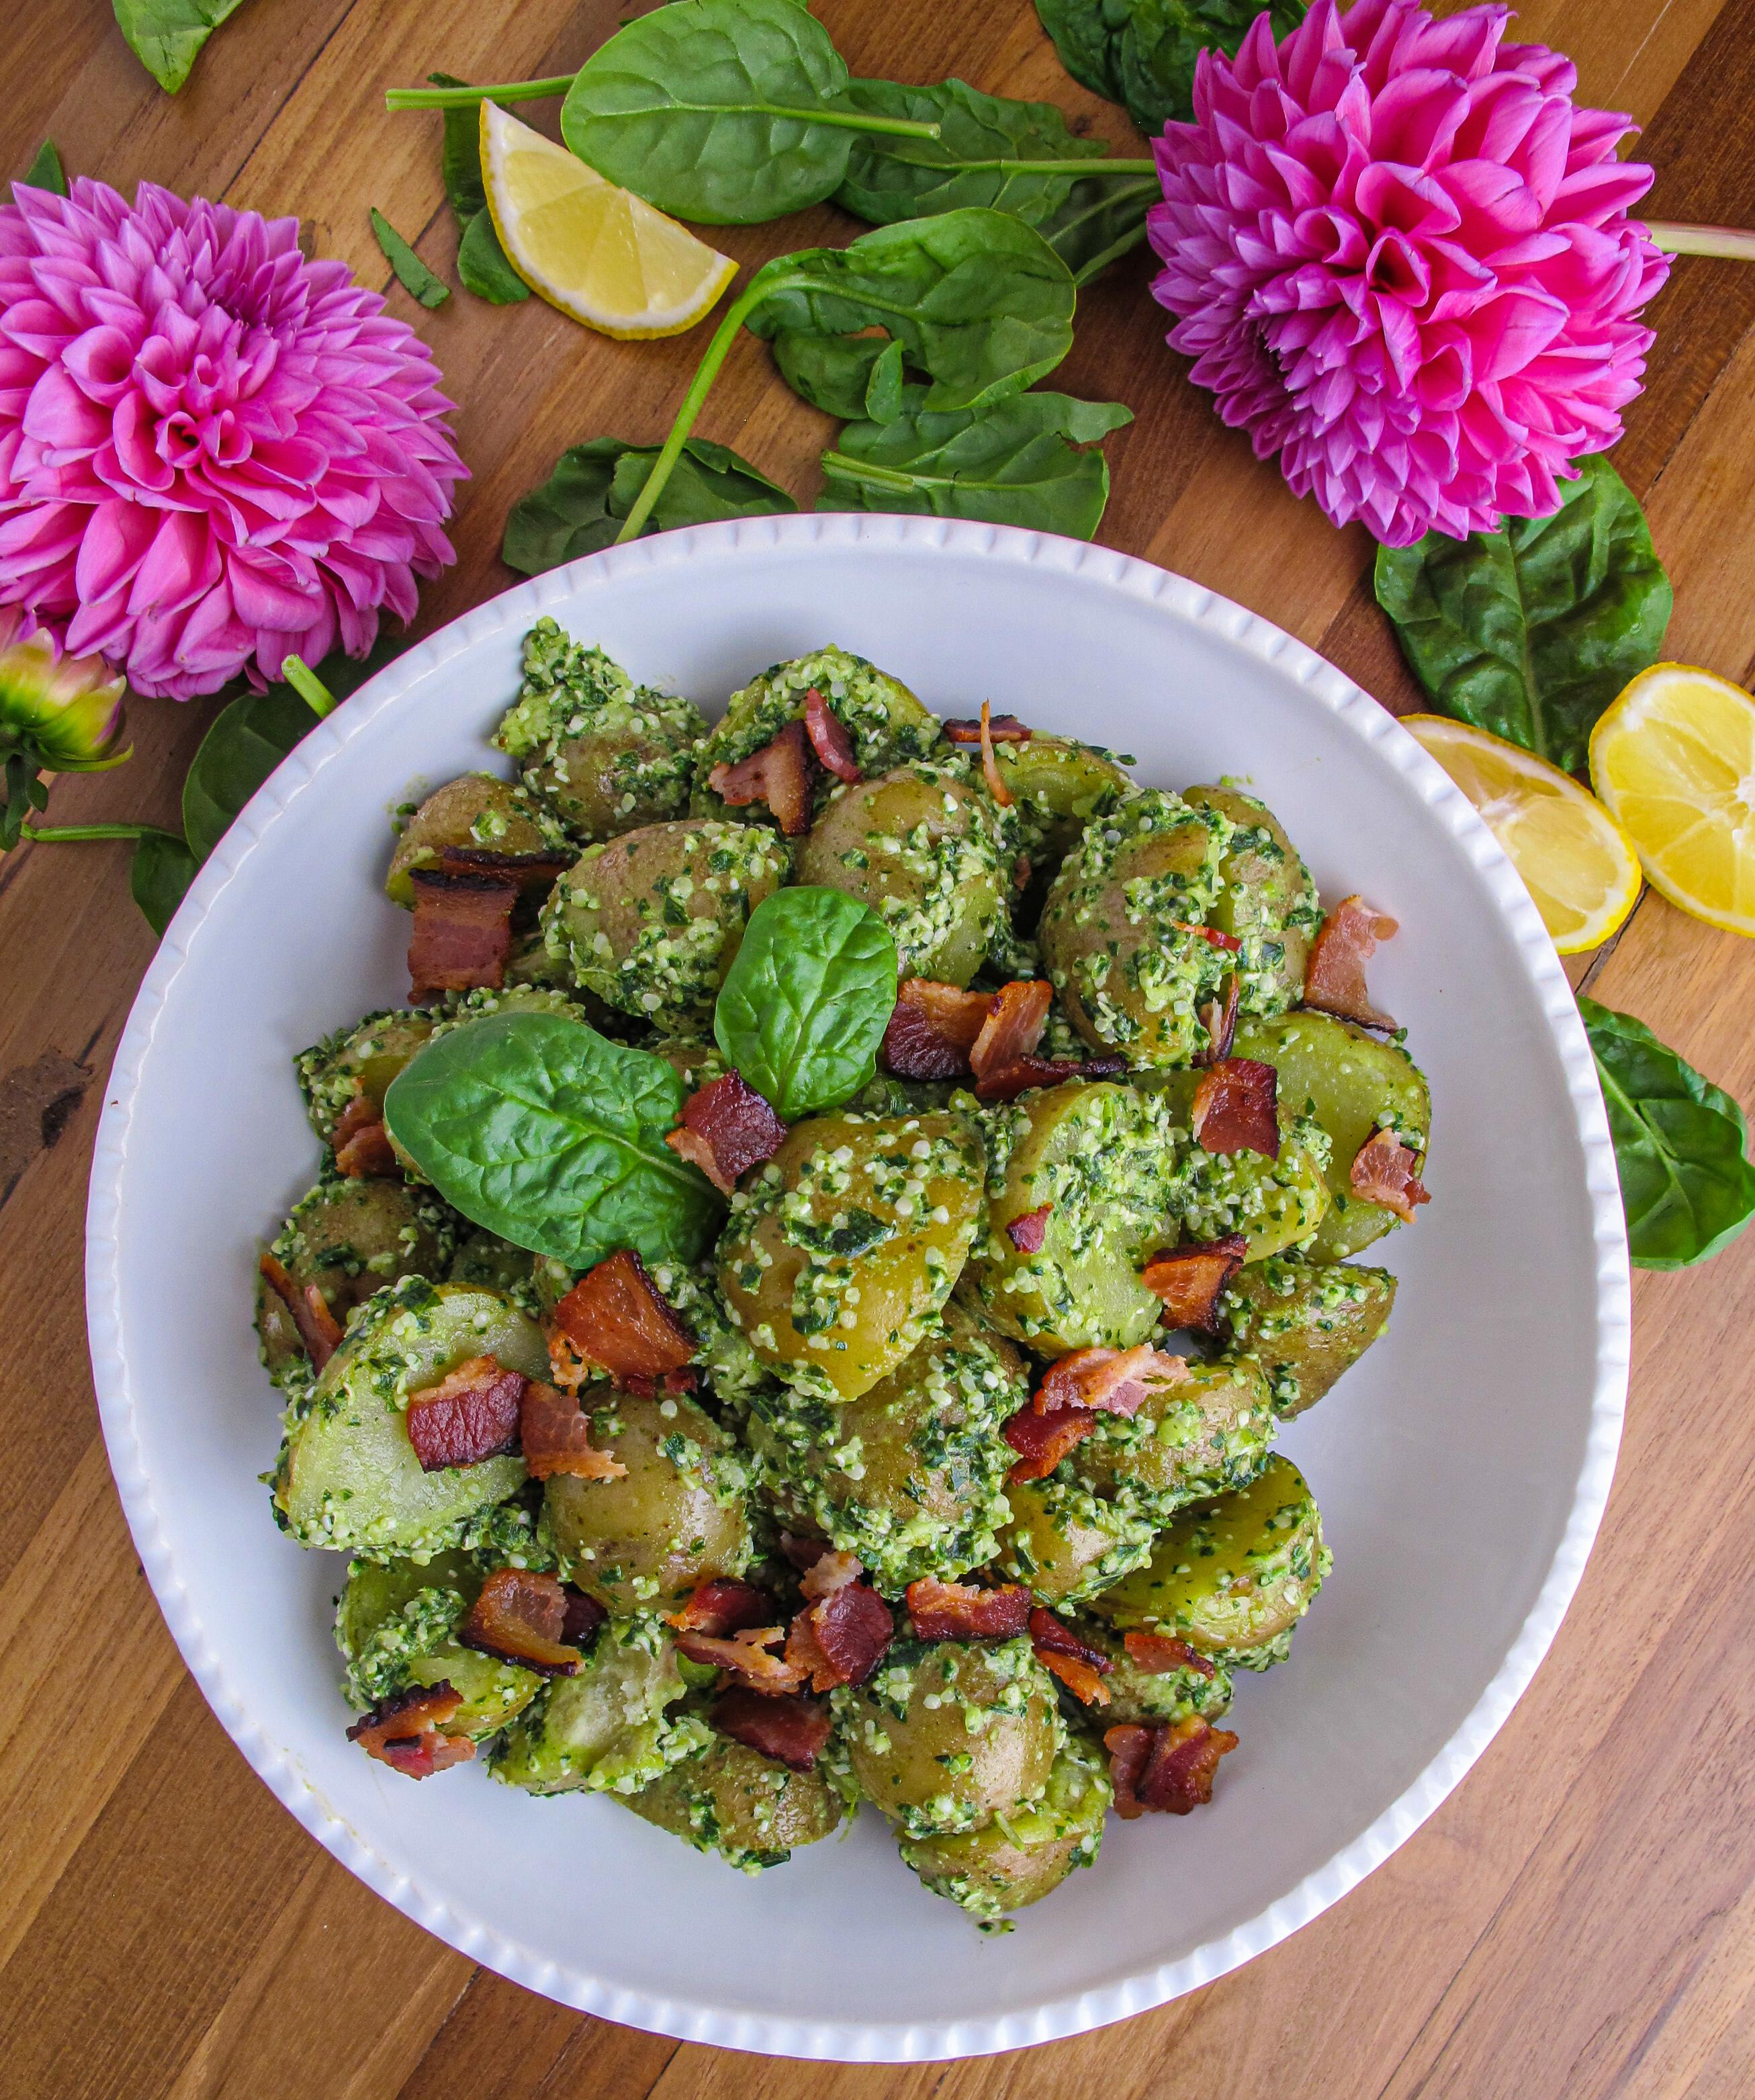 Nut-Free Pesto, Bacon, Potato Salad, Hemp Hearts, Spinach, Basil